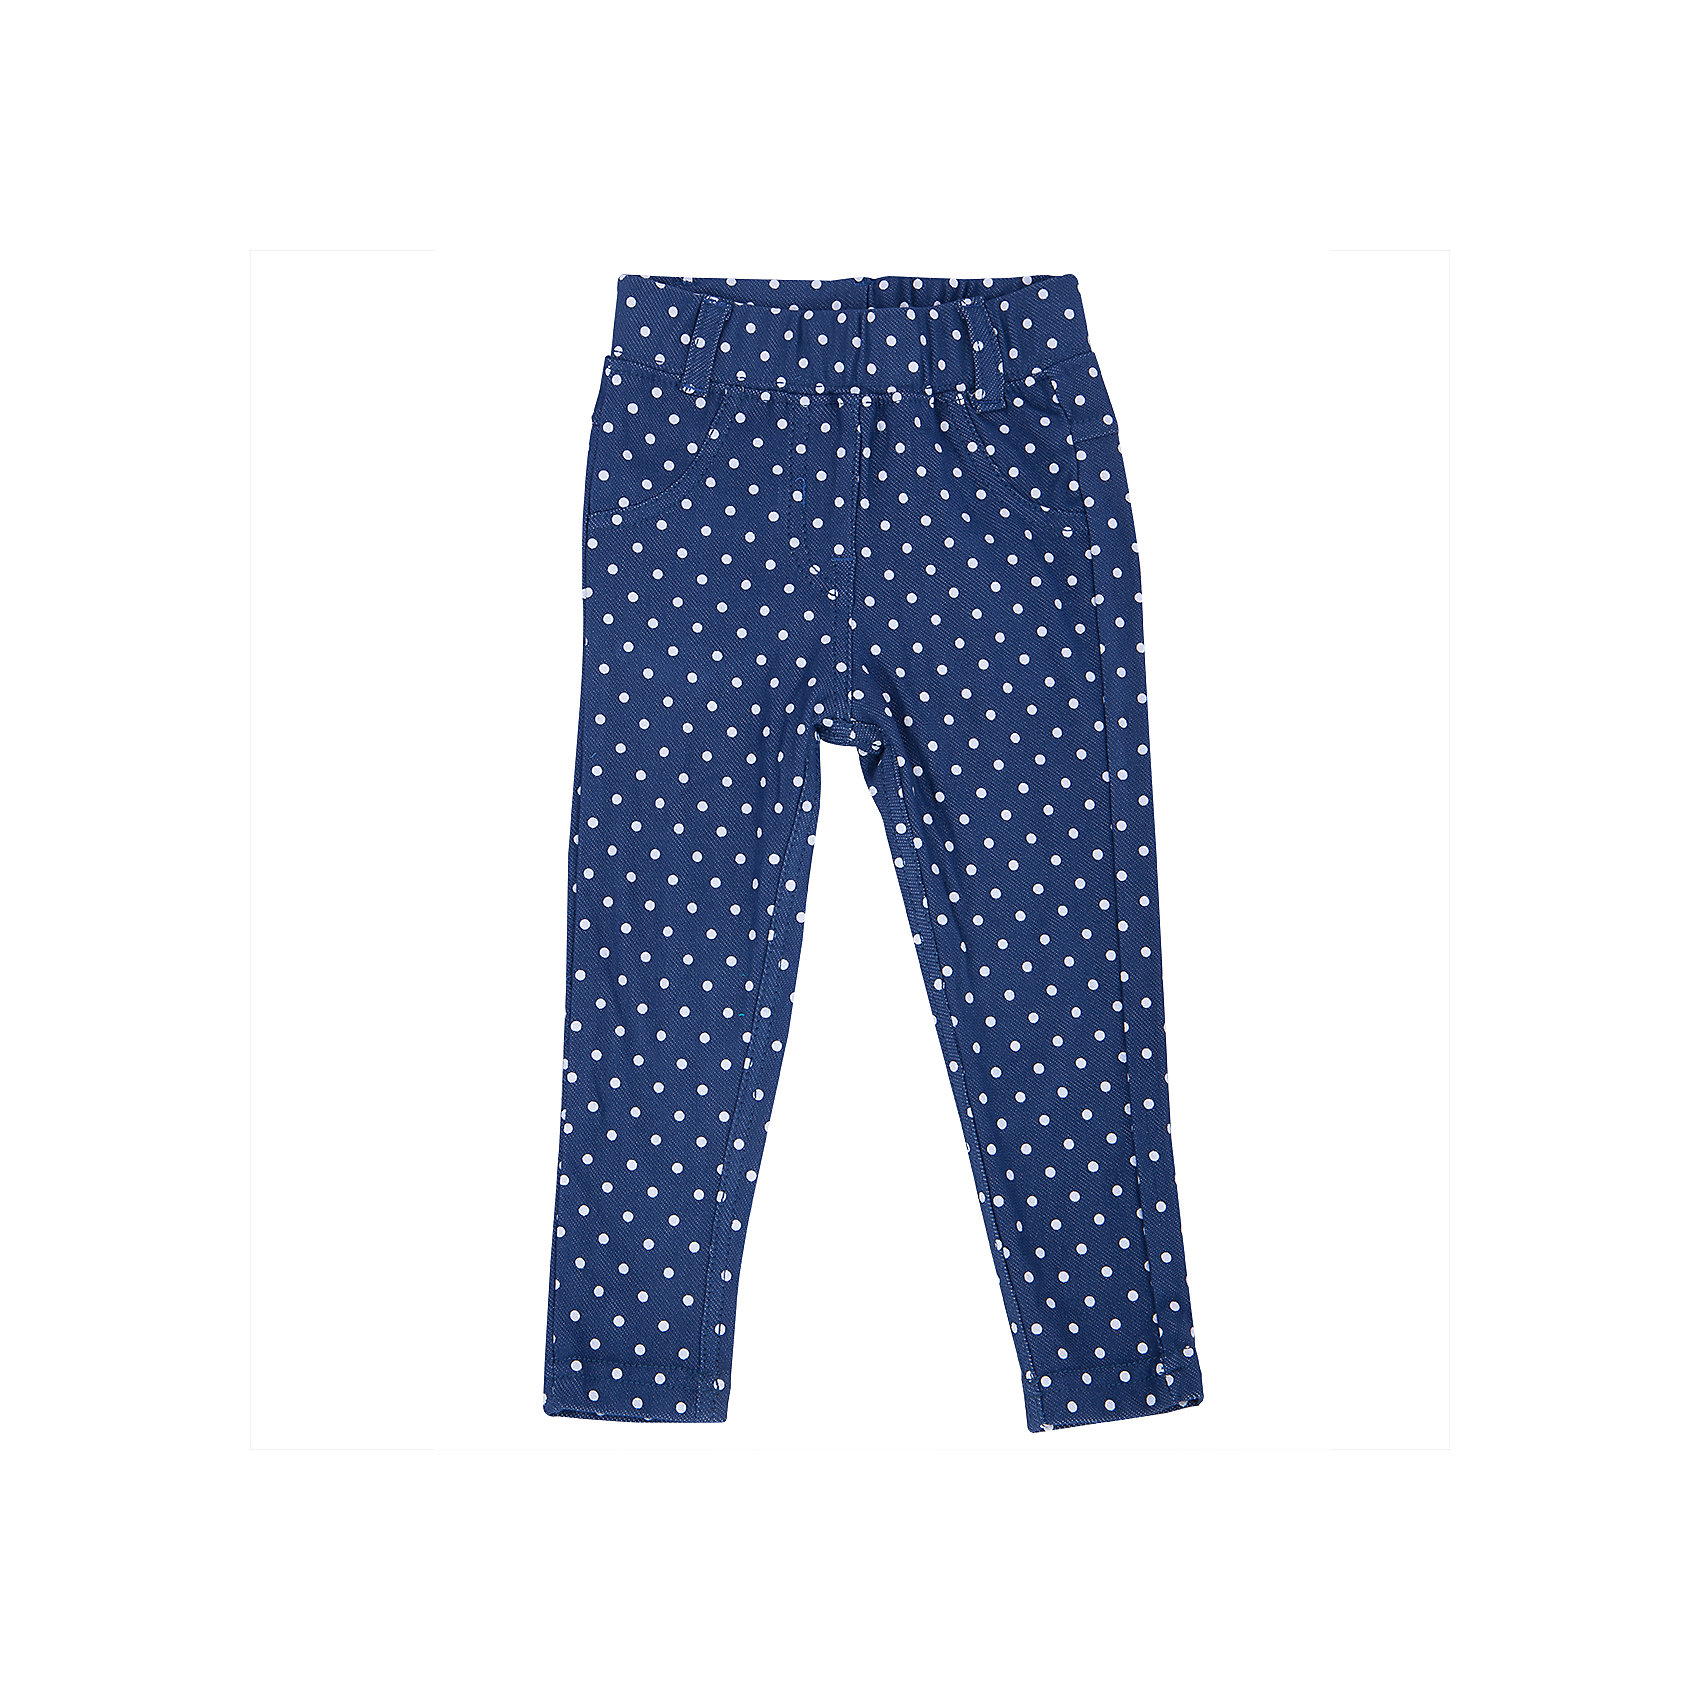 Брюки для девочки Sweet BerryТакая модель брюк-джеггинсов отличается модным дизайном и универсальной расцветкой под джинс. Удачный крой обеспечит ребенку комфорт и тепло. Плотный материал делает вещь идеальной для прохладной погоды. Она хорошо прилегает к телу там, где нужно, и отлично сидит по фигуре. Натуральный хлопок в составе материала обеспечит коже возможность дышать и не вызовет аллергии. В поясе - мягкая резинка со шнурком.<br>Одежда от бренда Sweet Berry - это простой и выгодный способ одеть ребенка удобно и стильно. Всё изделия тщательно проработаны: швы - прочные, материал - качественный, фурнитура - подобранная специально для детей.<br><br>Дополнительная информация:<br><br>цвет: синий;<br>состав: 95% хлопок, 5% эластан, трикотаж;<br>в поясе - мягкая резинка.<br><br>Брюки для девочки от бренда Sweet Berry можно купить в нашем интернет-магазине.<br><br>Ширина мм: 215<br>Глубина мм: 88<br>Высота мм: 191<br>Вес г: 336<br>Цвет: синий<br>Возраст от месяцев: 24<br>Возраст до месяцев: 36<br>Пол: Женский<br>Возраст: Детский<br>Размер: 86,98,80,92<br>SKU: 4931113